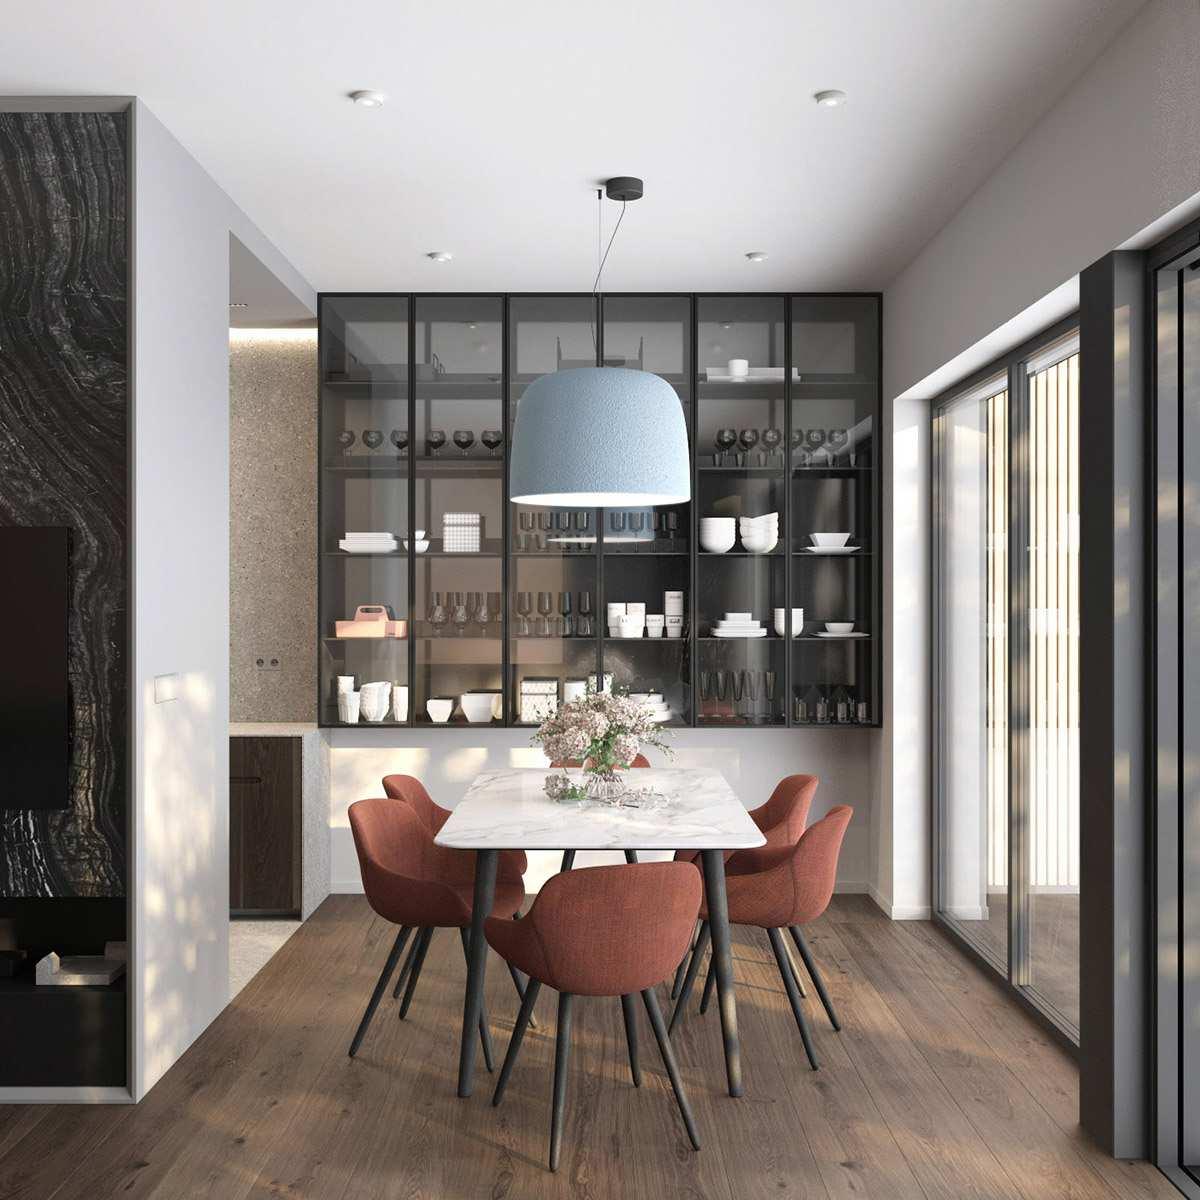 طراحی داخلی 3 نمونه آپارتمان با تم خاکستری - Grey Based Decor 13